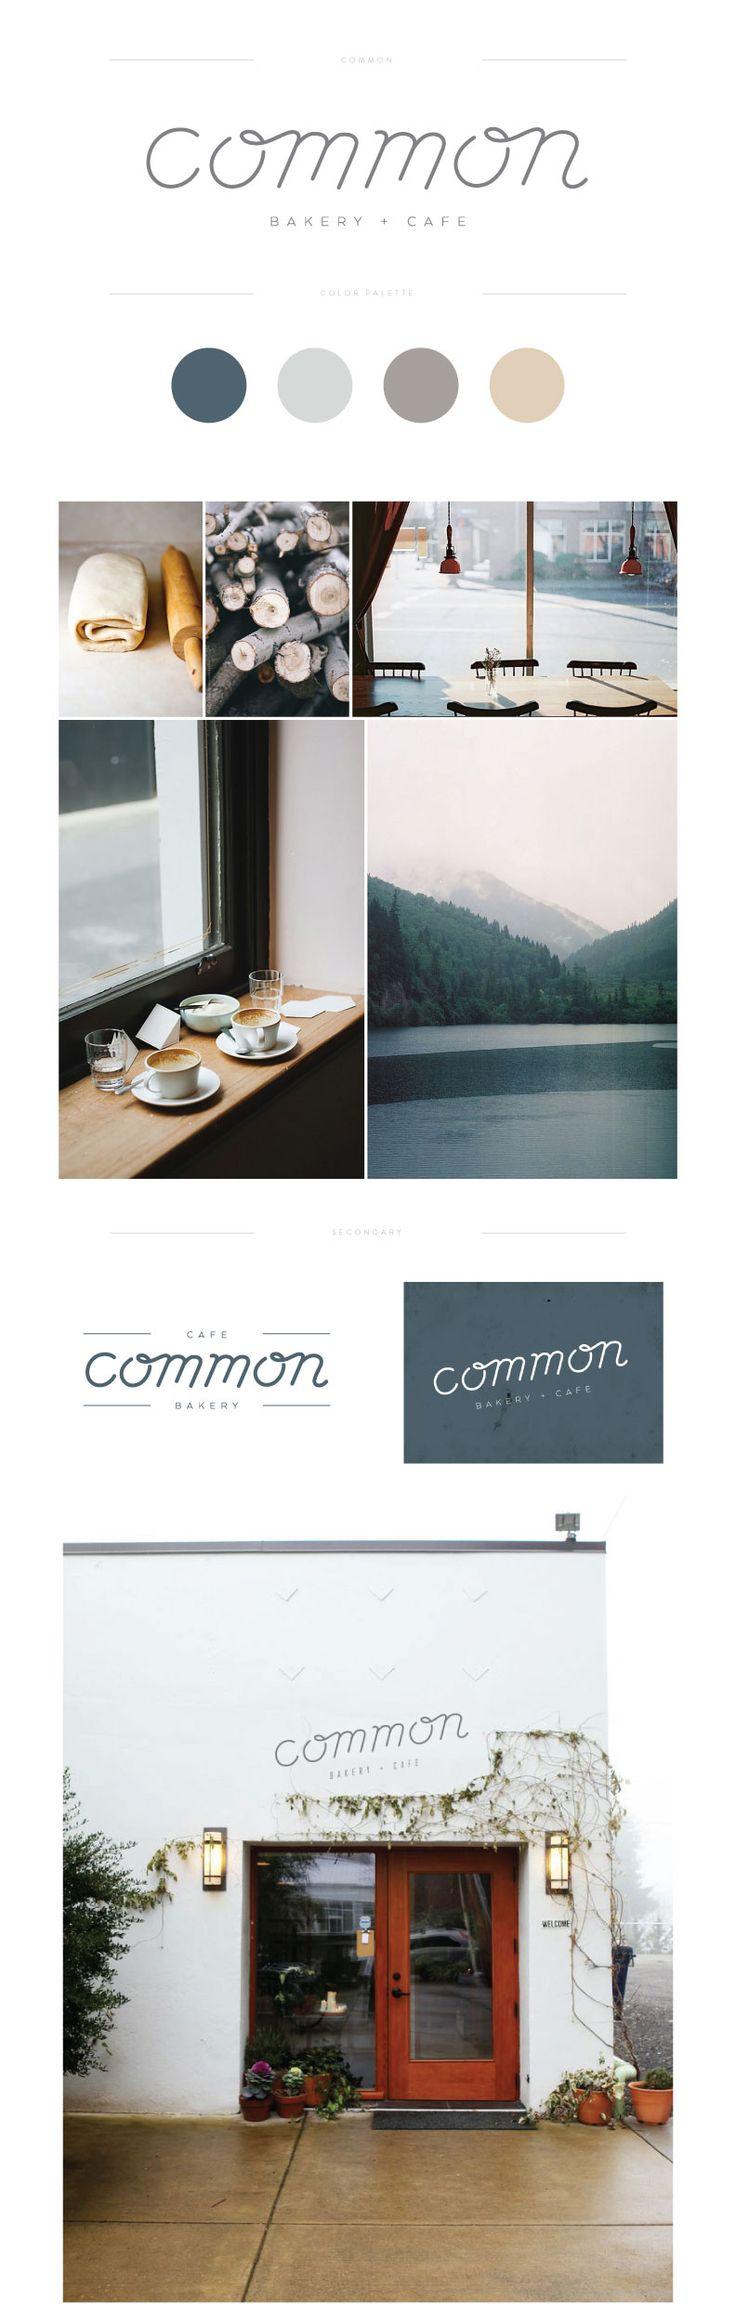 Lauren Ledbetter Design & Styling — Common Cafe + Bakery